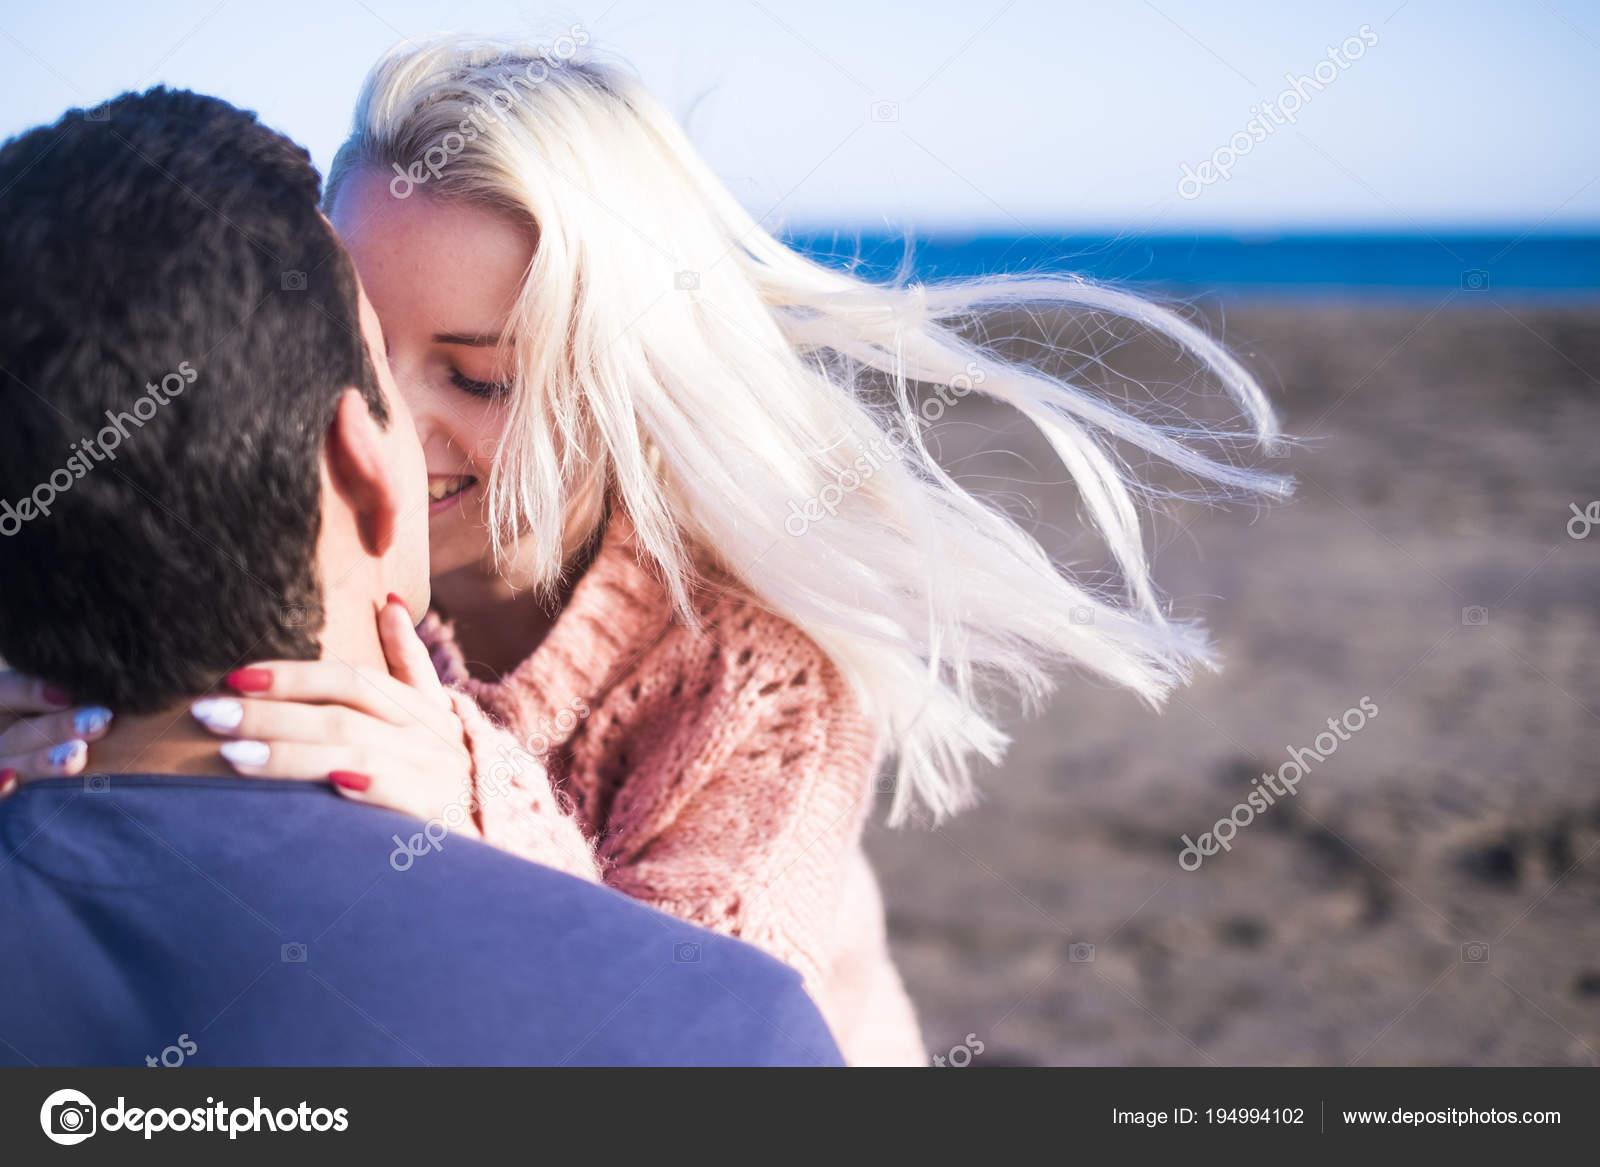 Горячие поцелуи девушек картинки